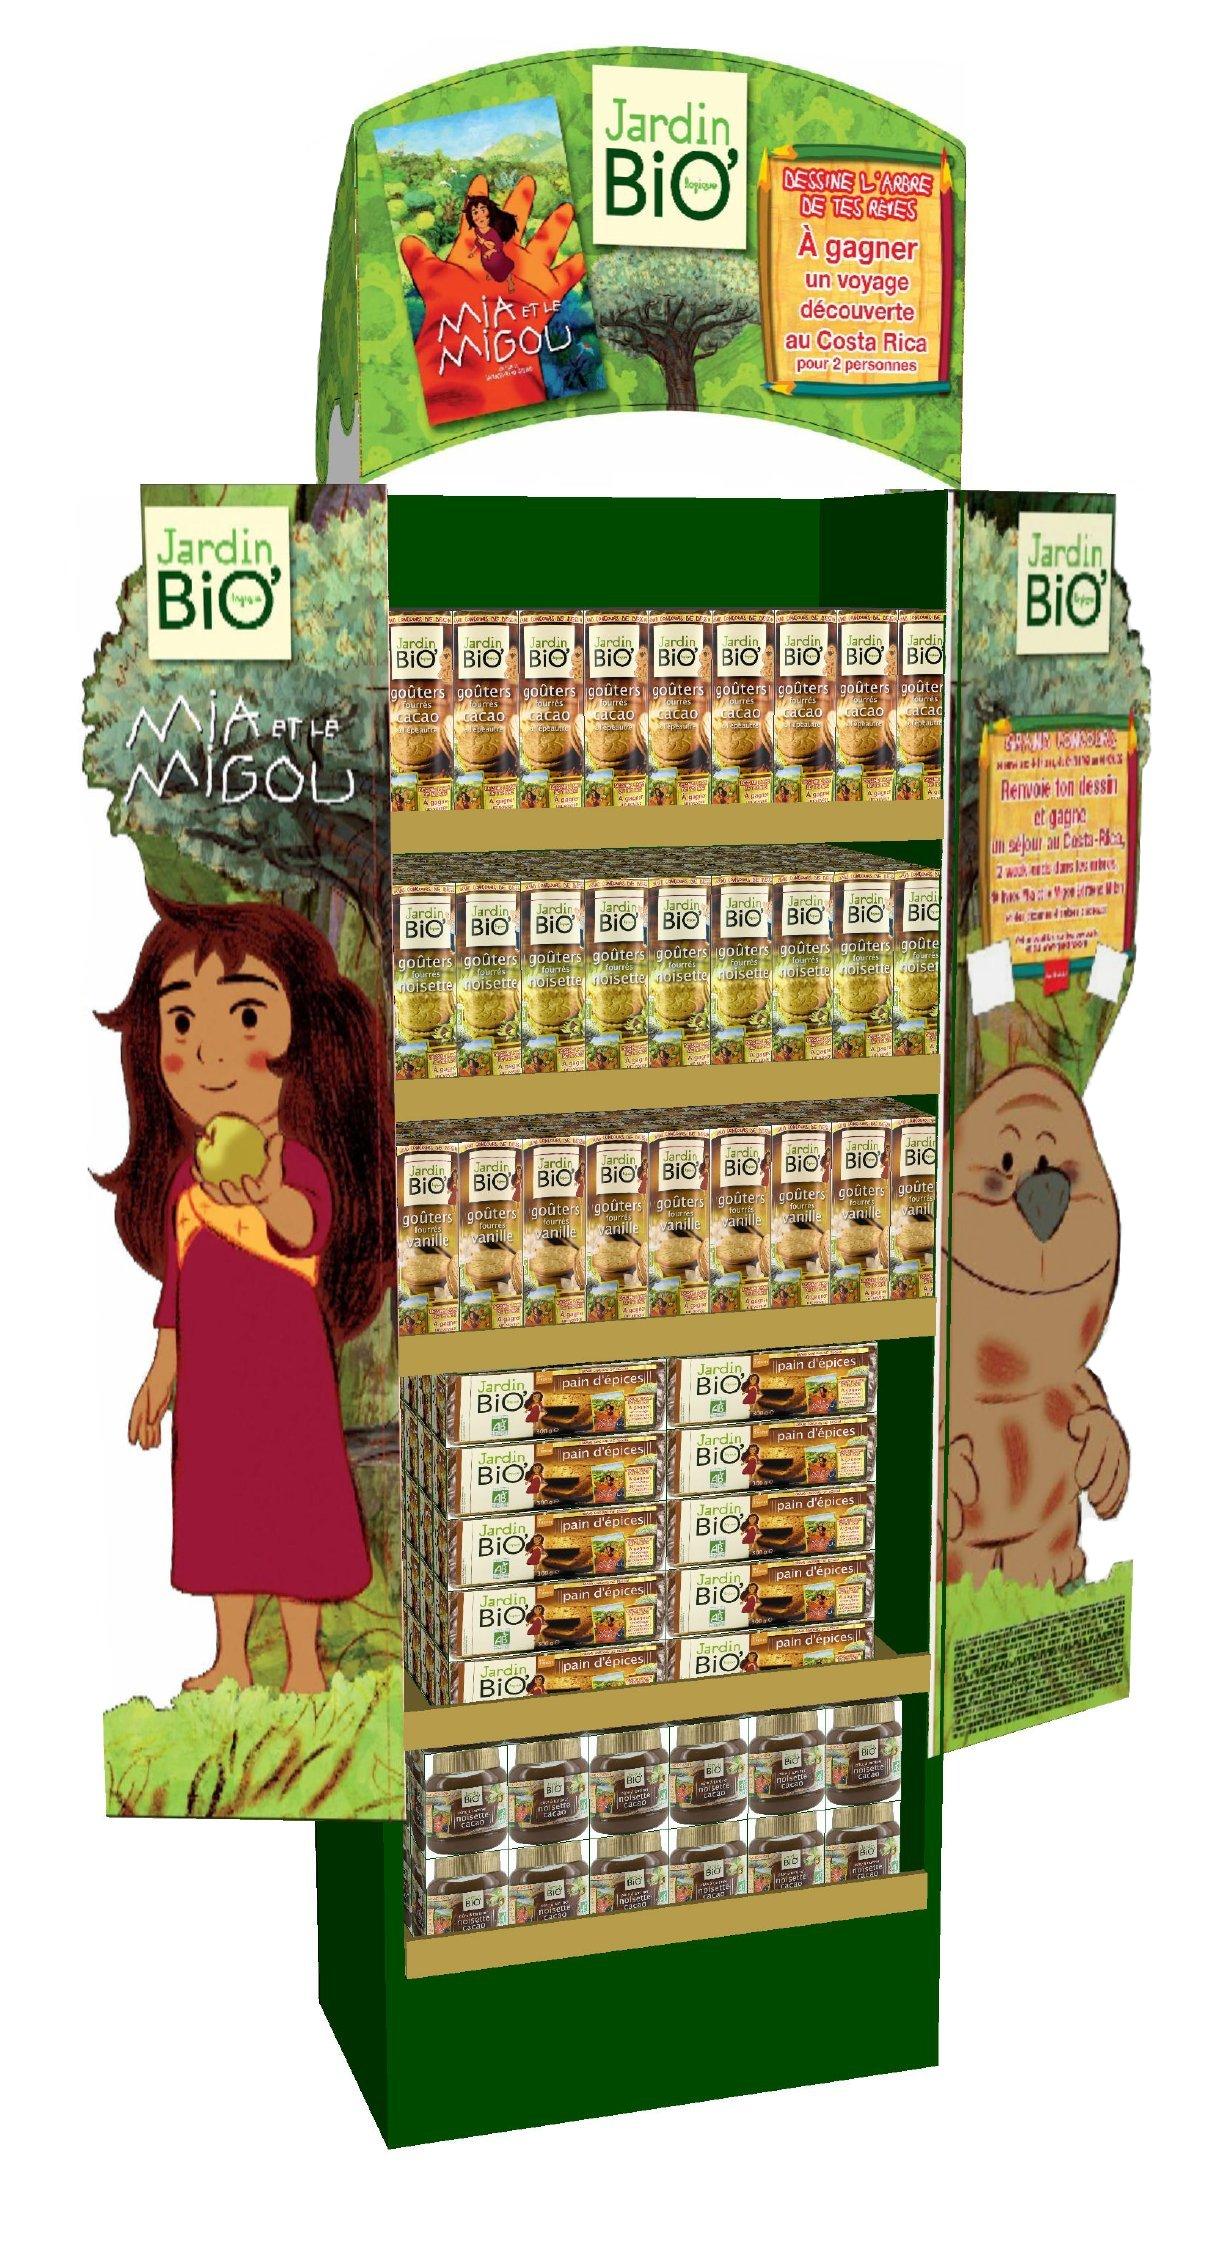 Histoire de la marque Jardin Bio fabriquant fran§ais d alimentaire